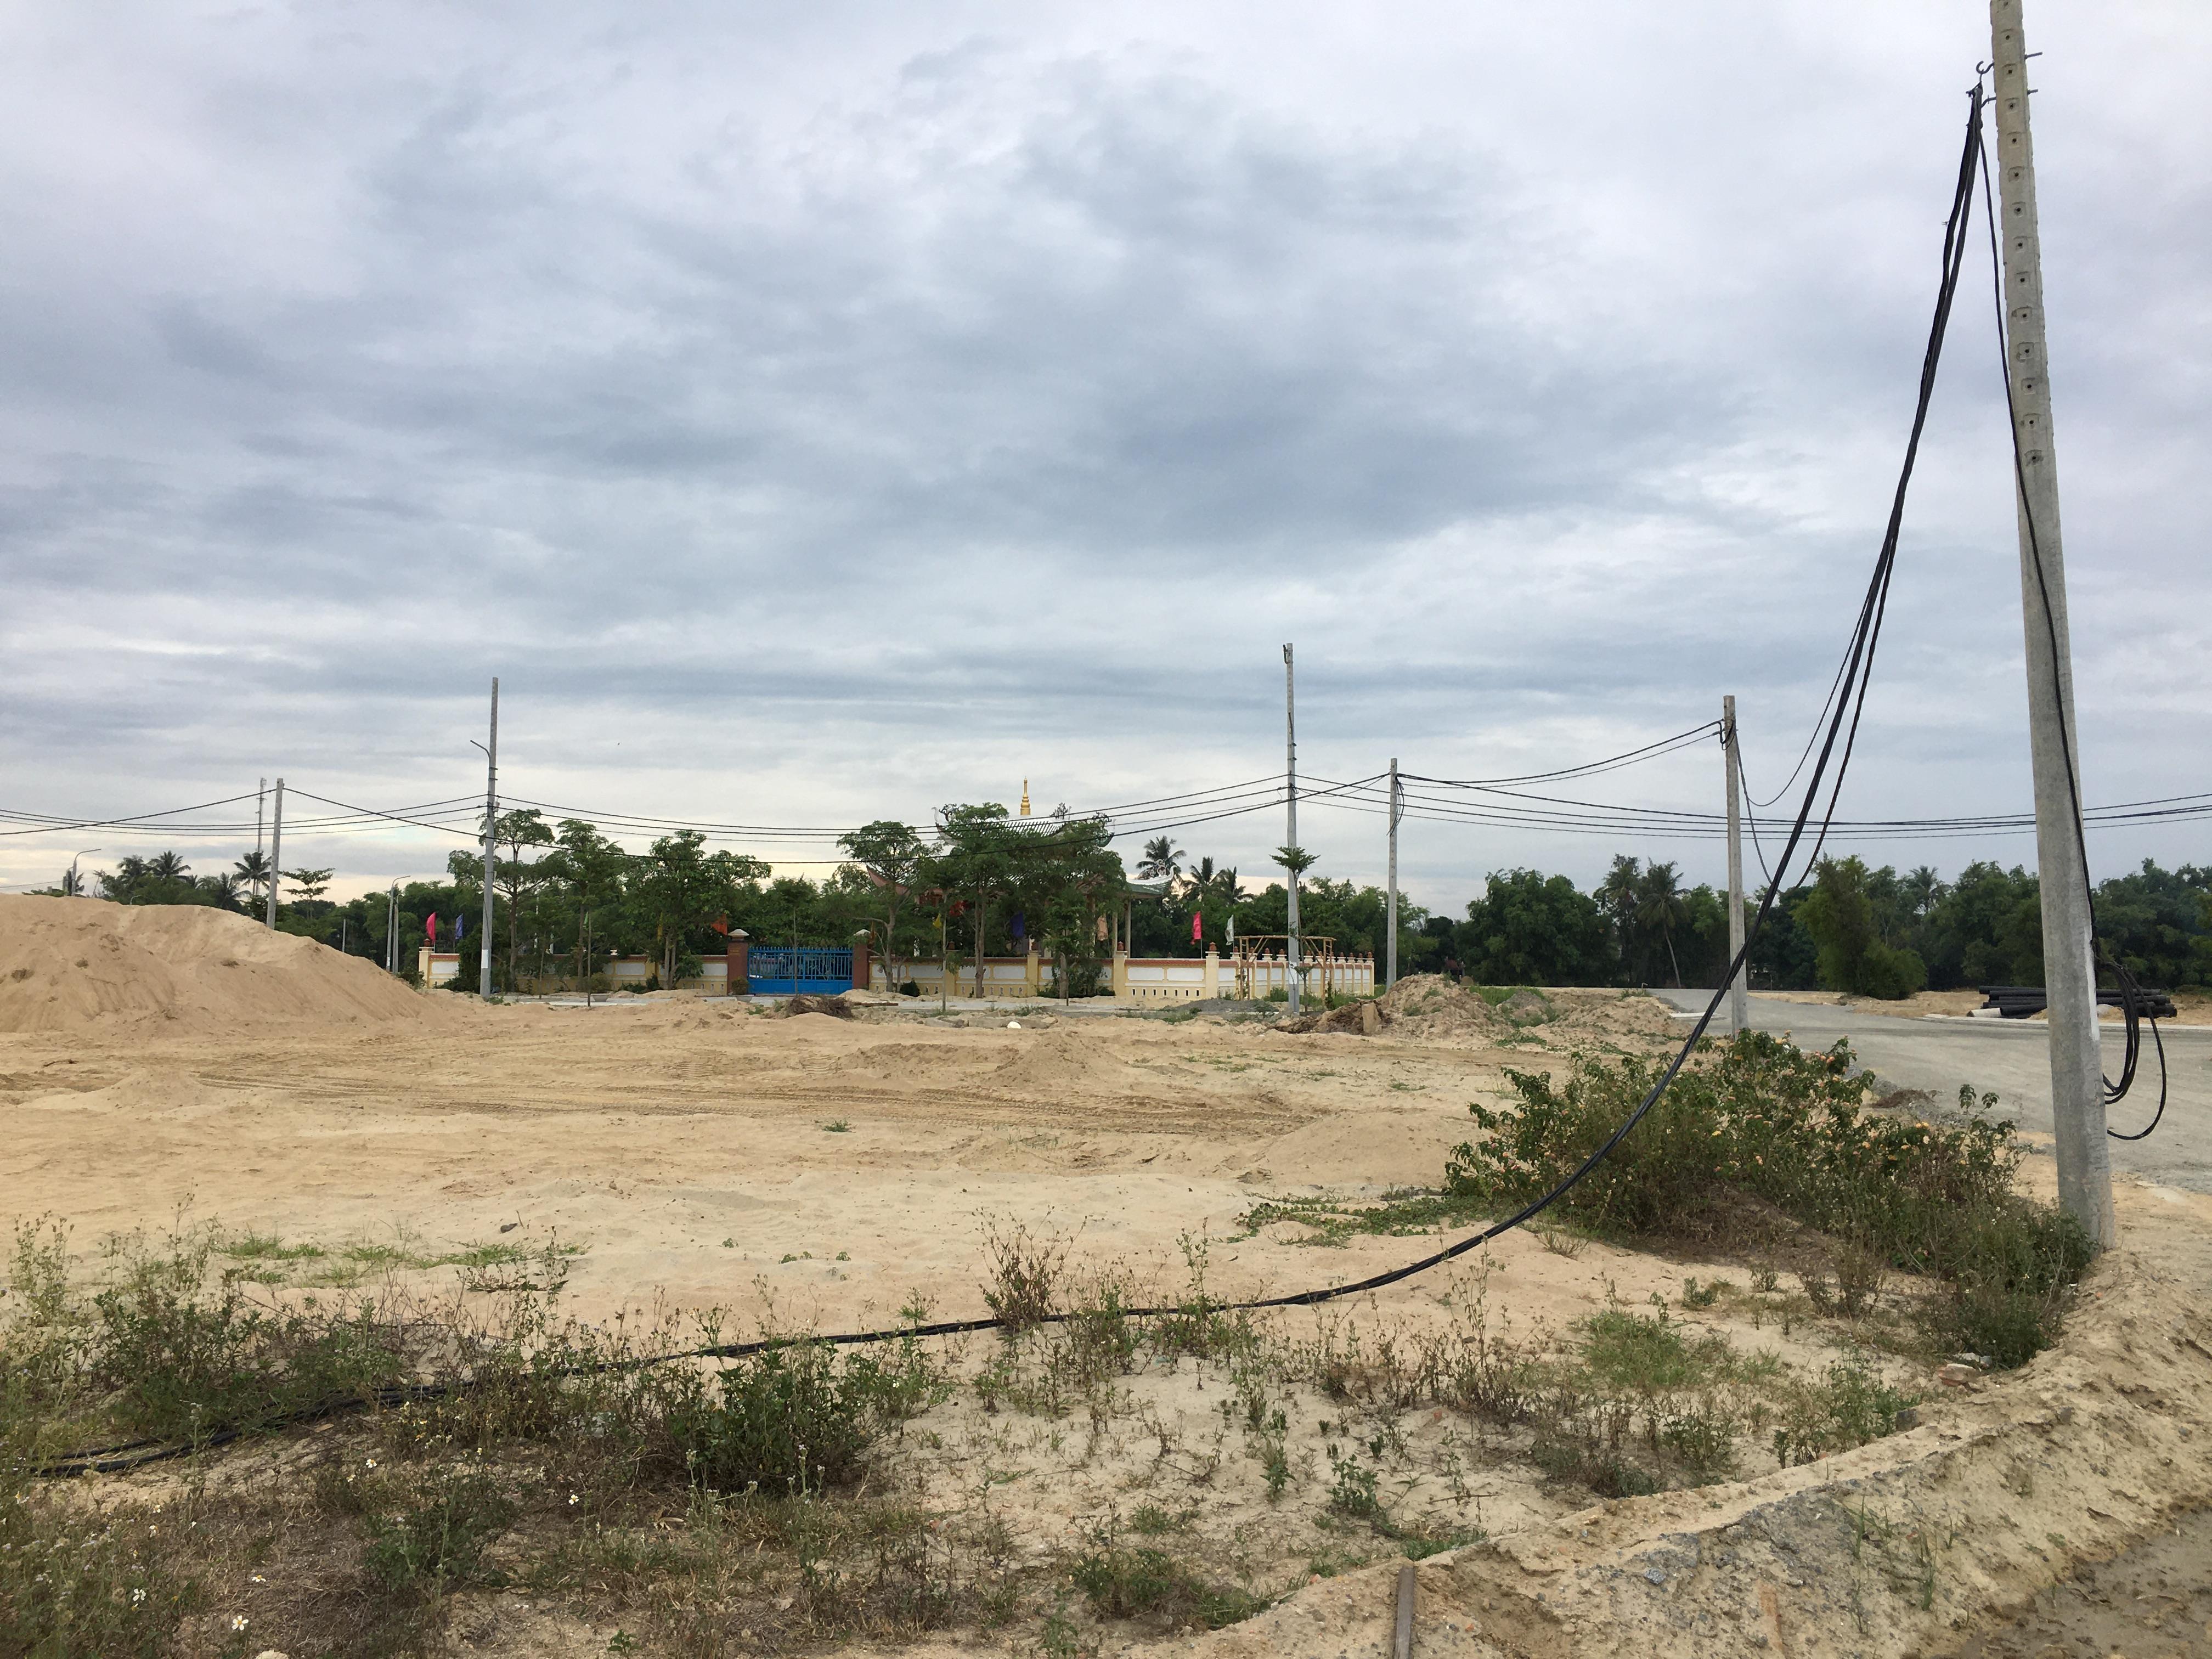 Quảng Nam: Dự án Rosa River Complex hạ tầng dang dở đã bán thu tiền cọc? - Ảnh 6.